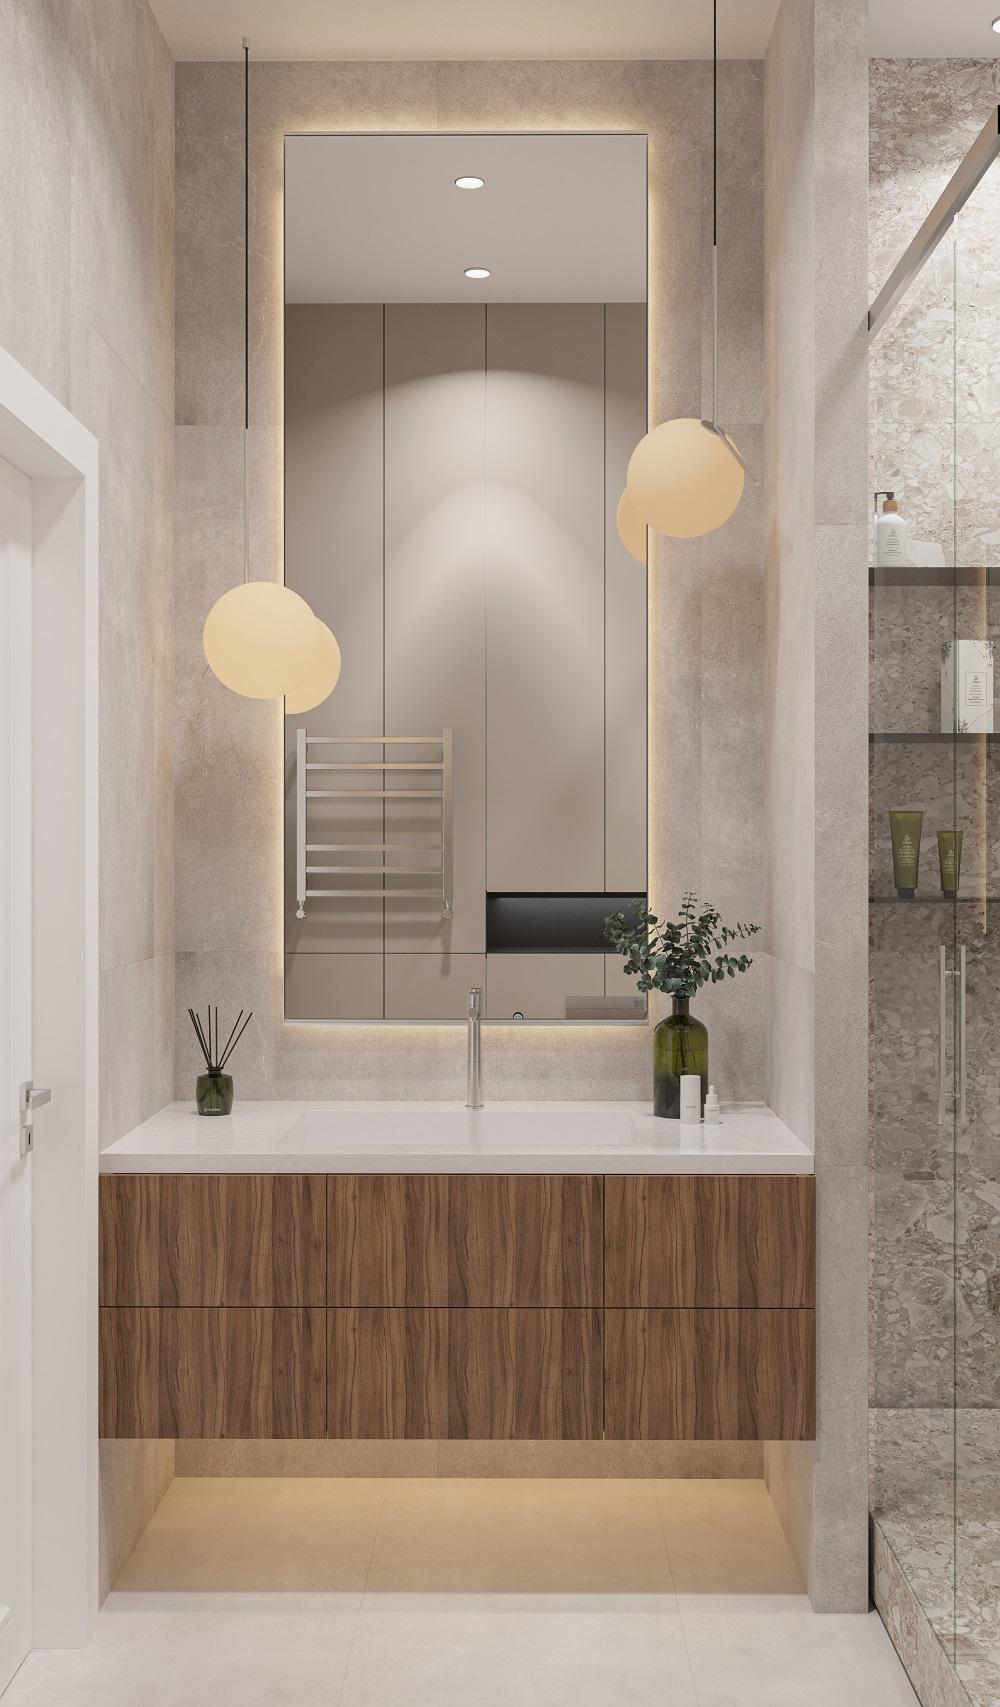 В хорошем дизайн-проекте ванная комната тоже является продолжением общей идеи интерьера